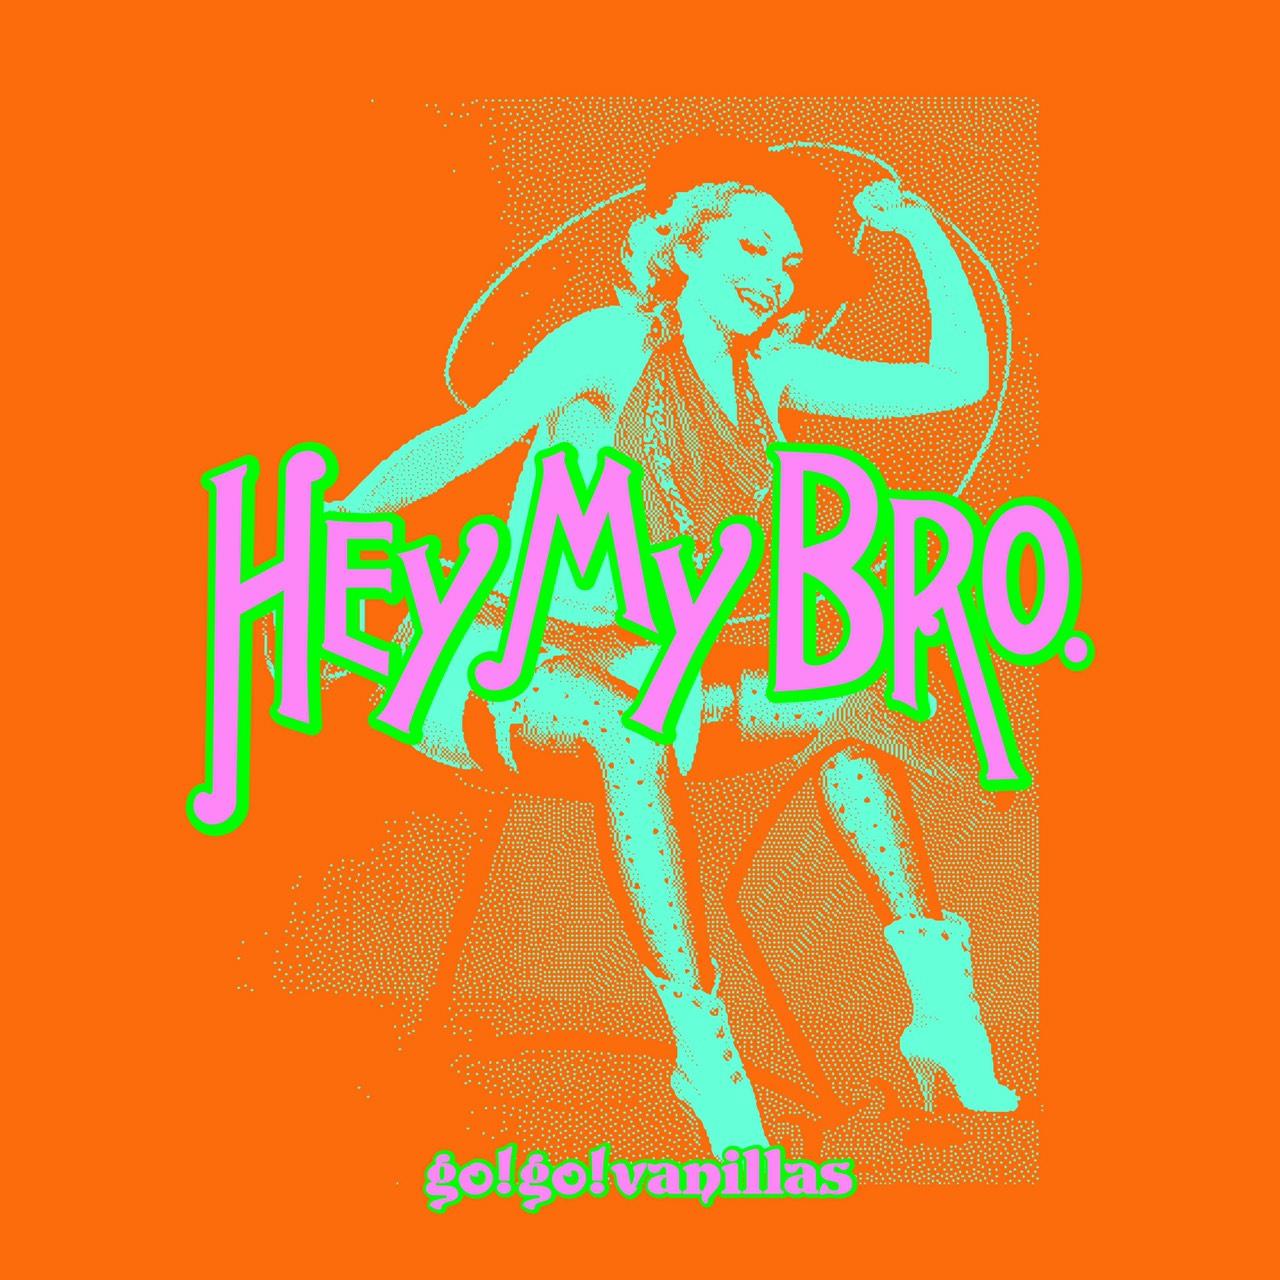 Hey My Bro.